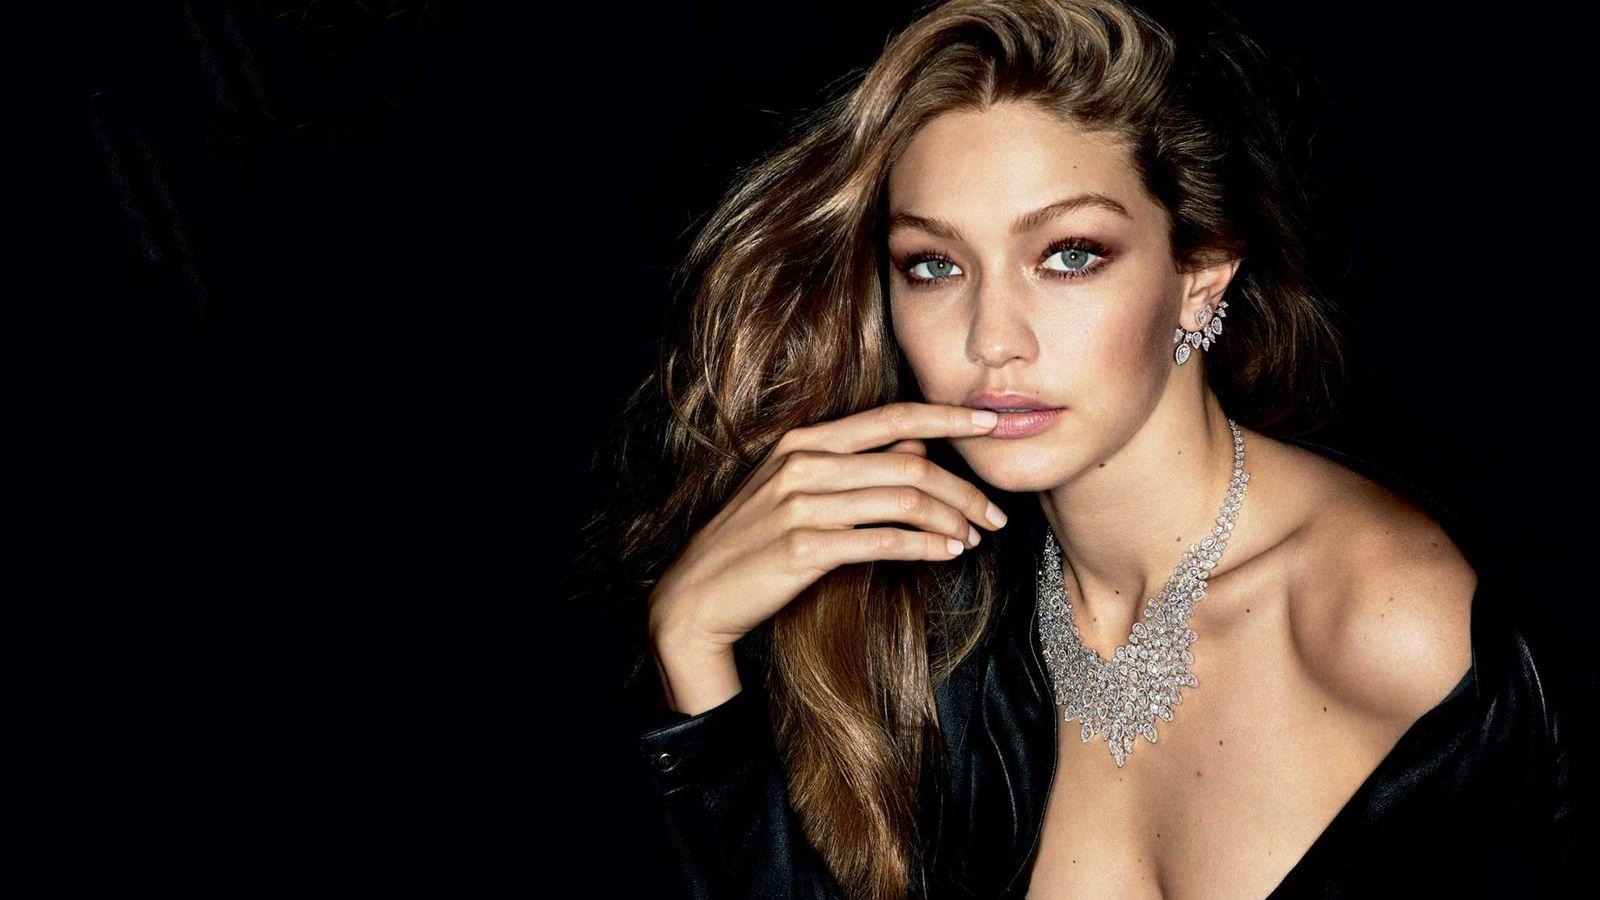 Foto: La modelo Gigi Hadid como imagen de la firma de joyería Messika.